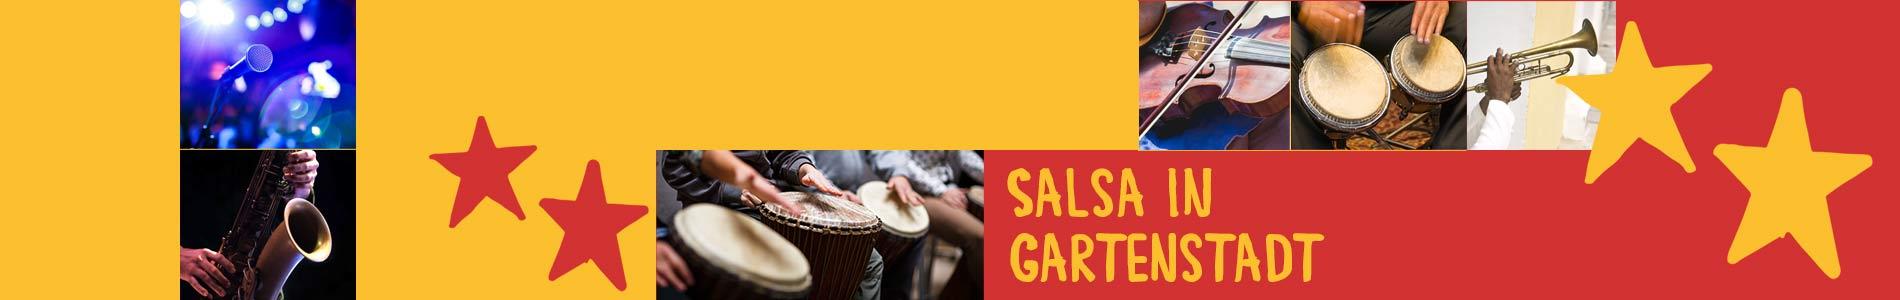 Salsa in Gartenstadt – Salsa lernen und tanzen, Tanzkurse, Partys, Veranstaltungen